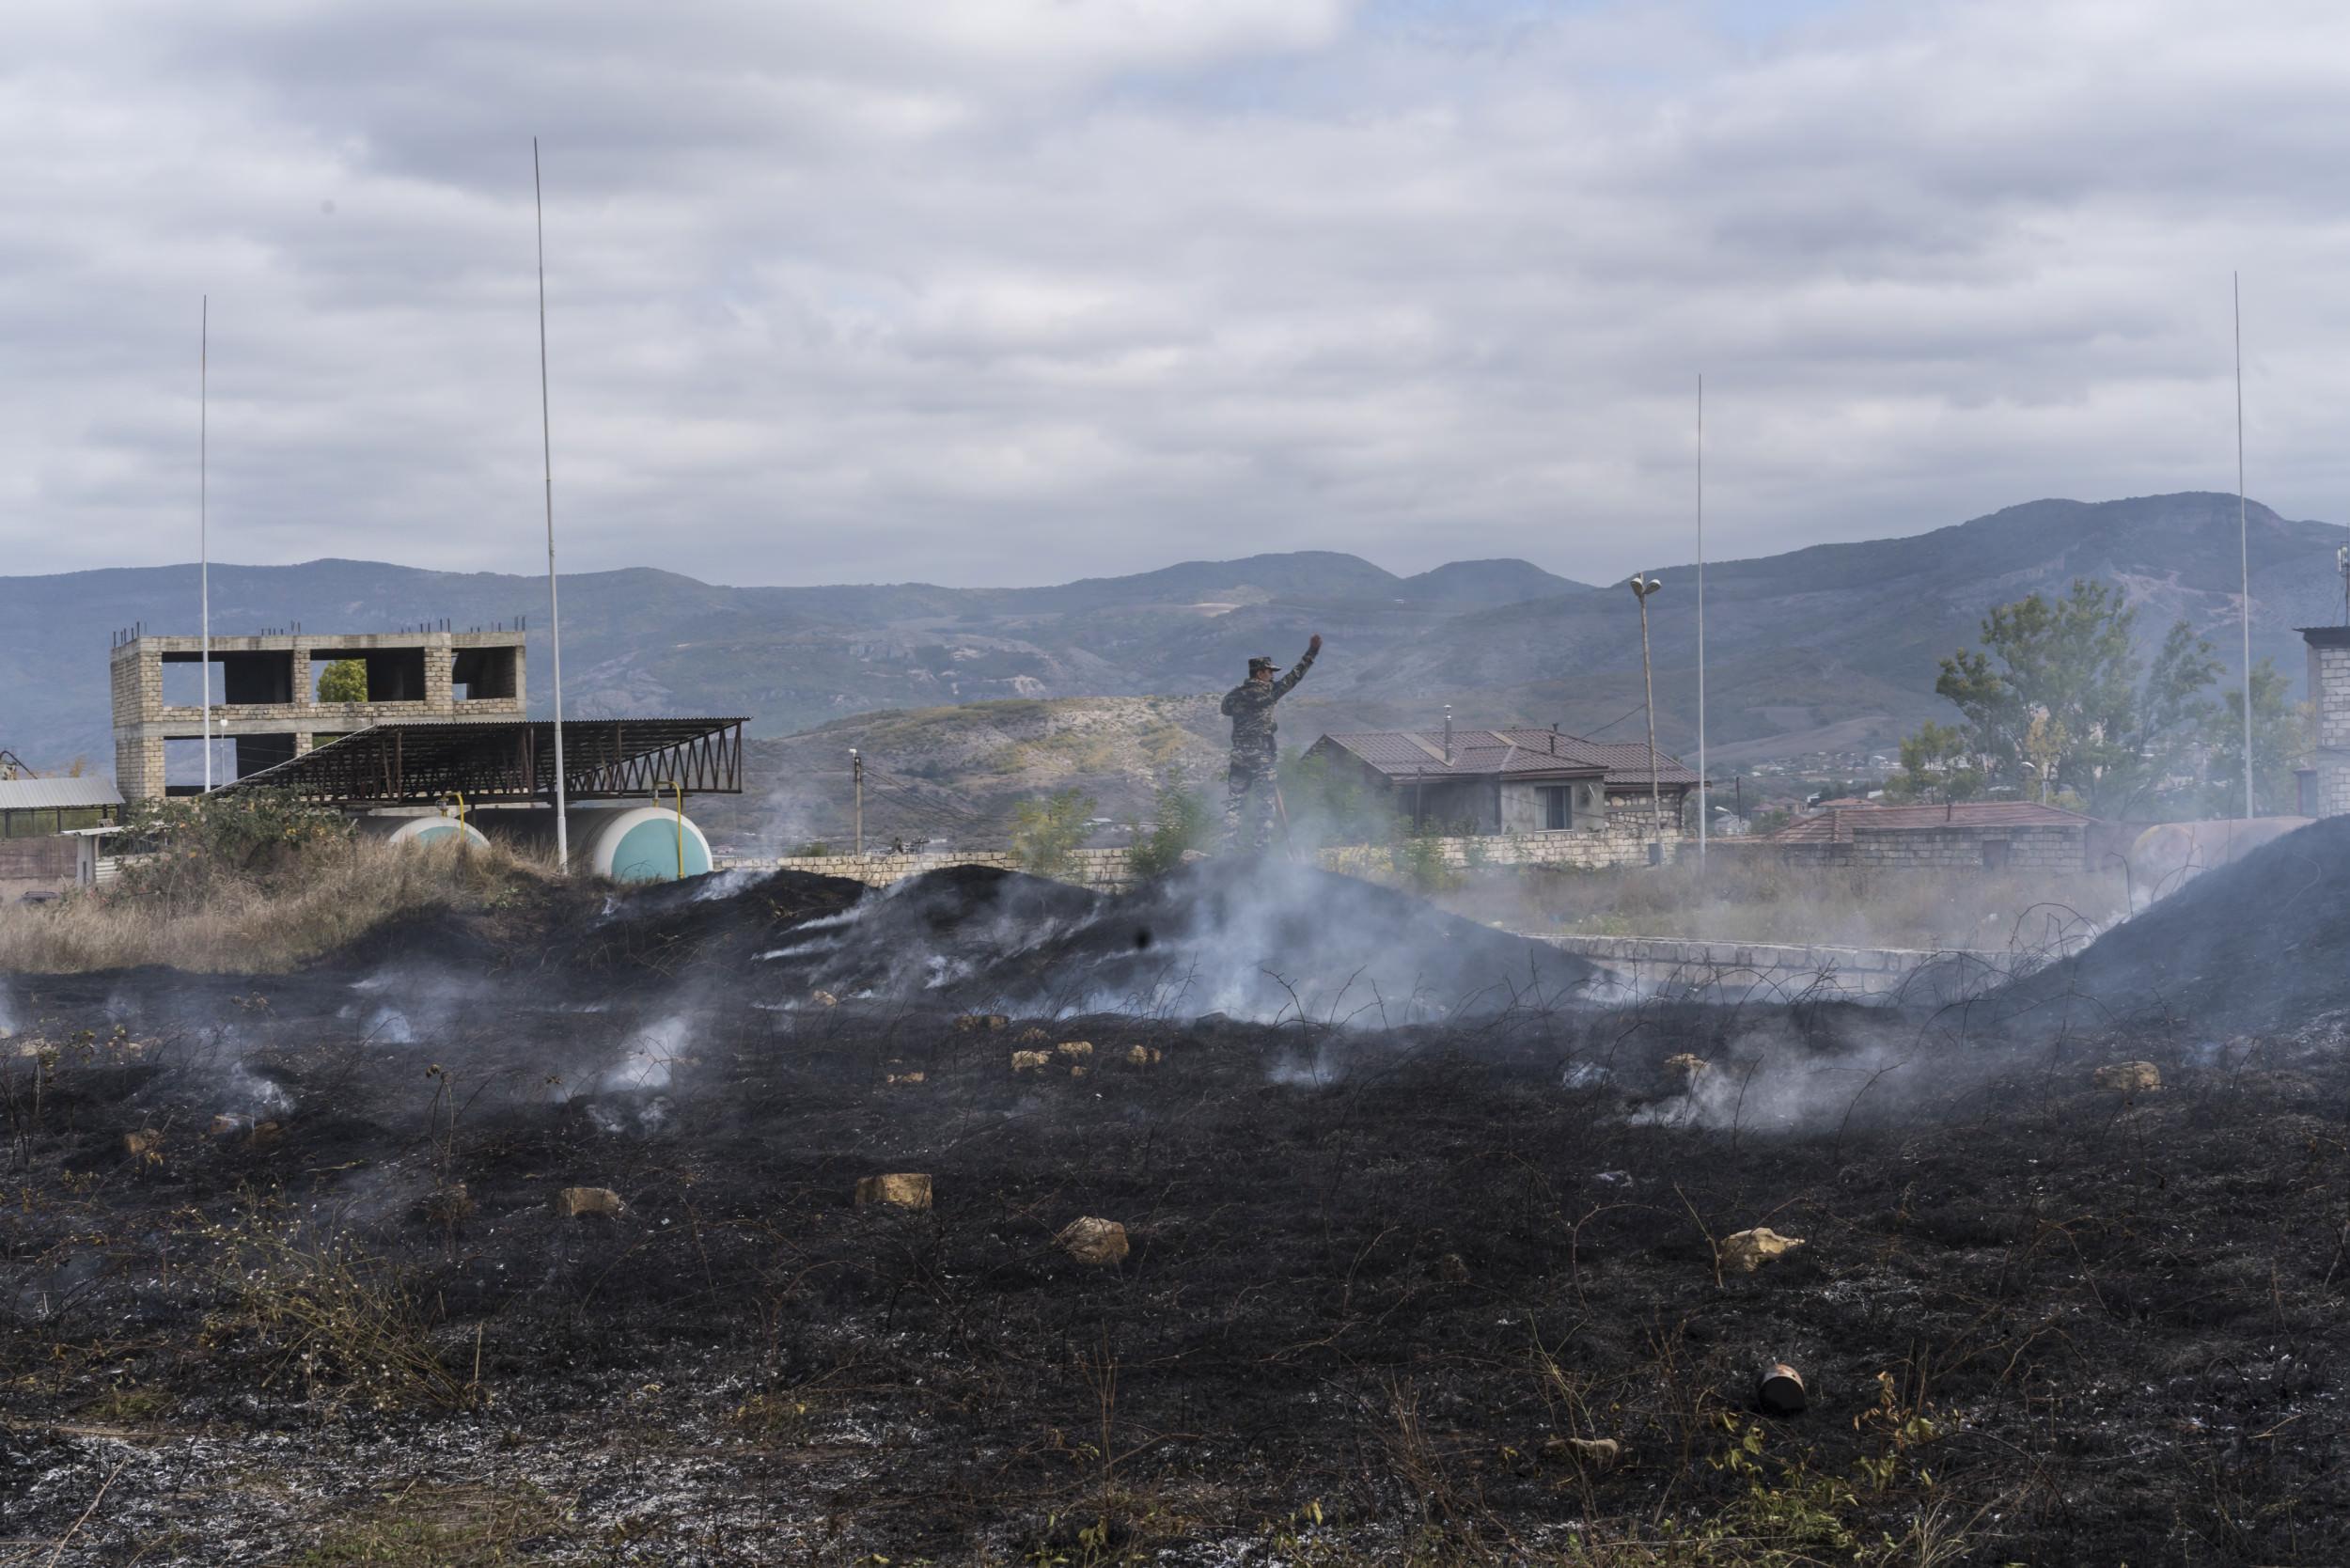 Exclusivo: Funcionário do Centro da Armênia, Azerbaijão Conflito chama de luta até a morte